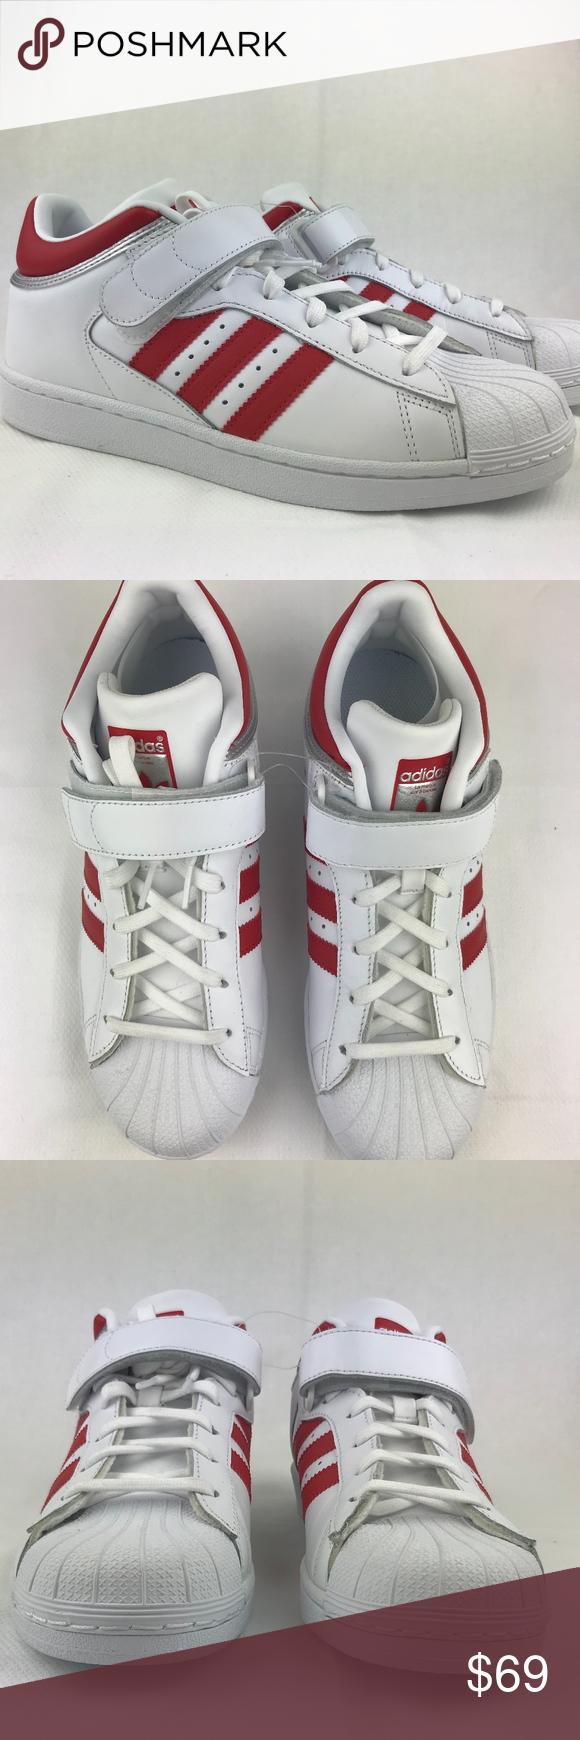 Adidas hombre 's original Pro Shell zapatos zapatillas Pinterest